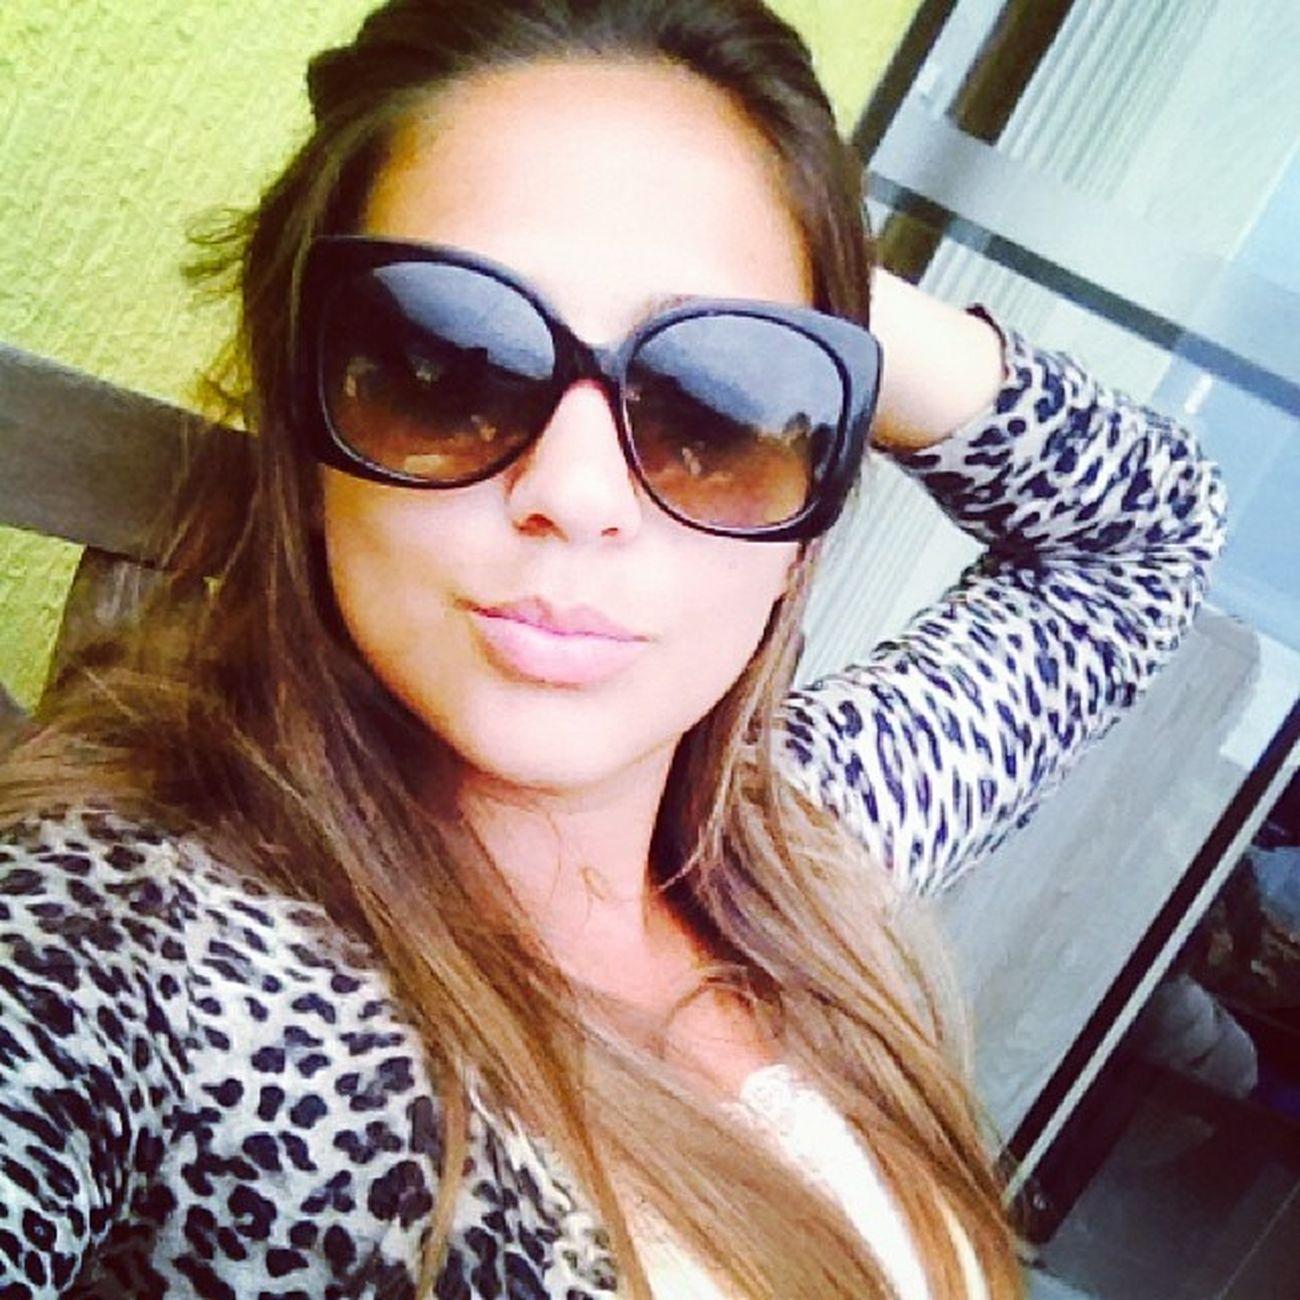 Boatarde Jessica Carasebocas Fotinhas Biquinho ??